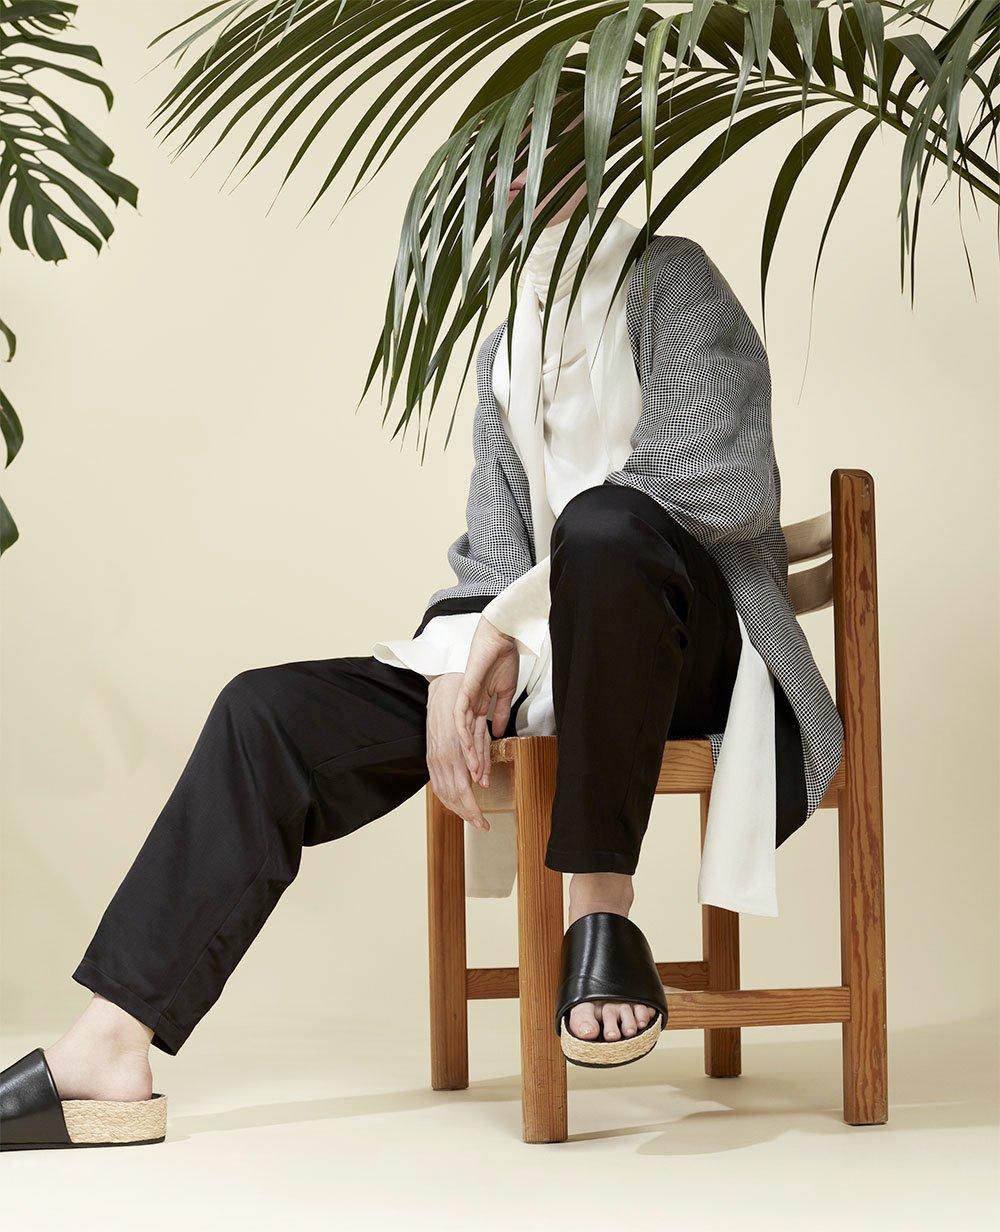 RUH_Campaign_Kimono-Jogger2